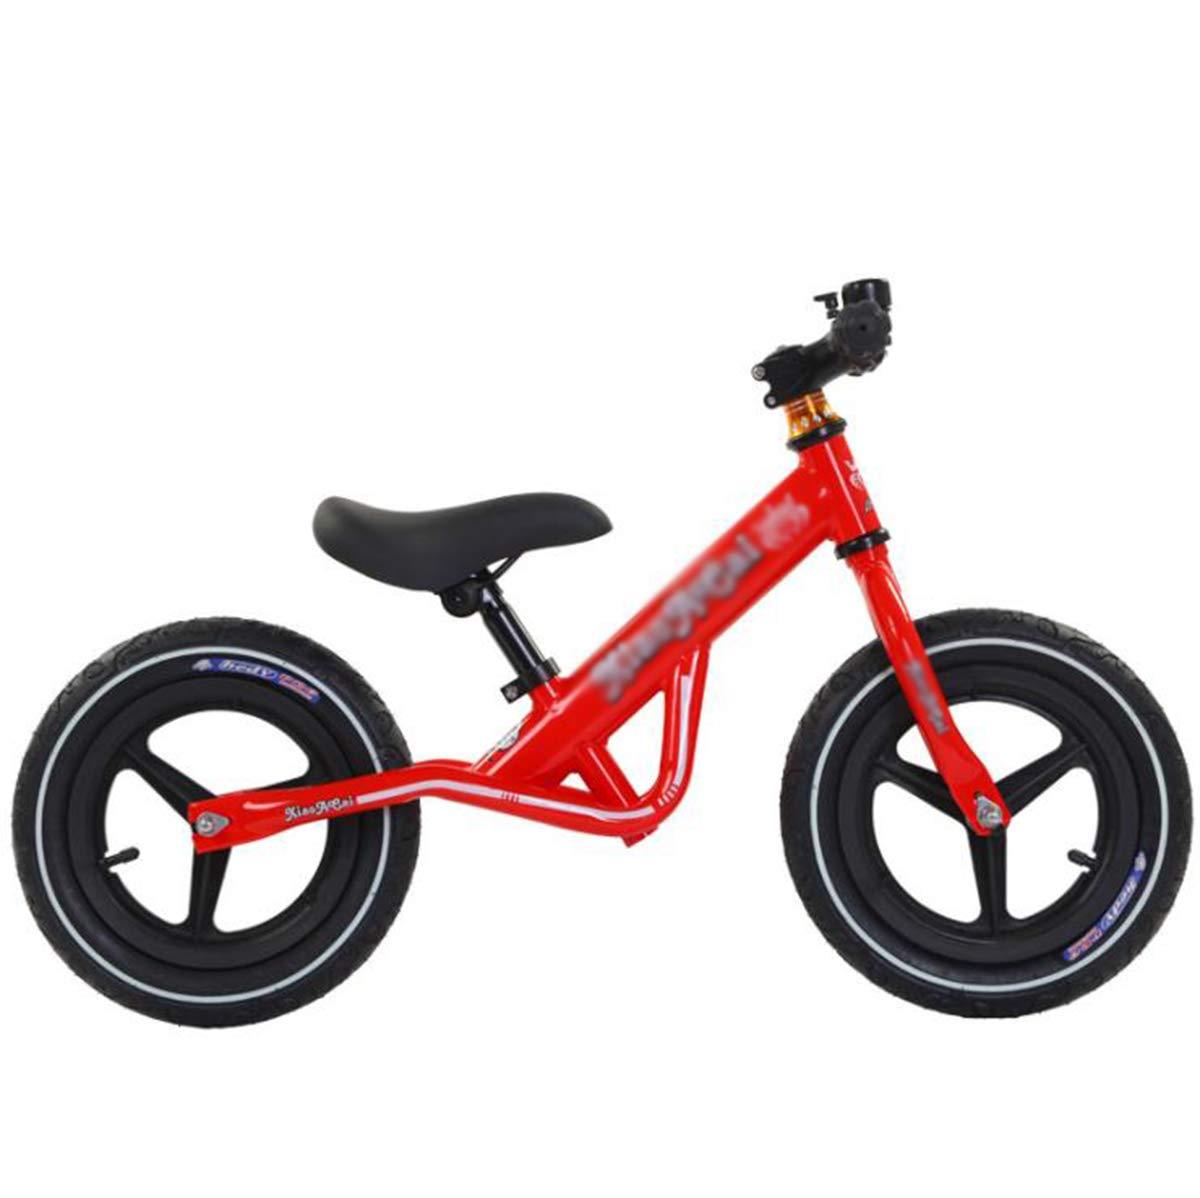 Bilancino Sportivo, Senza Pedali, Biciclette A Pedalata Assistita, Biciclette di Transizione, Pneumatici da Allenamento, Maniglie Regolabili per Biciclette.